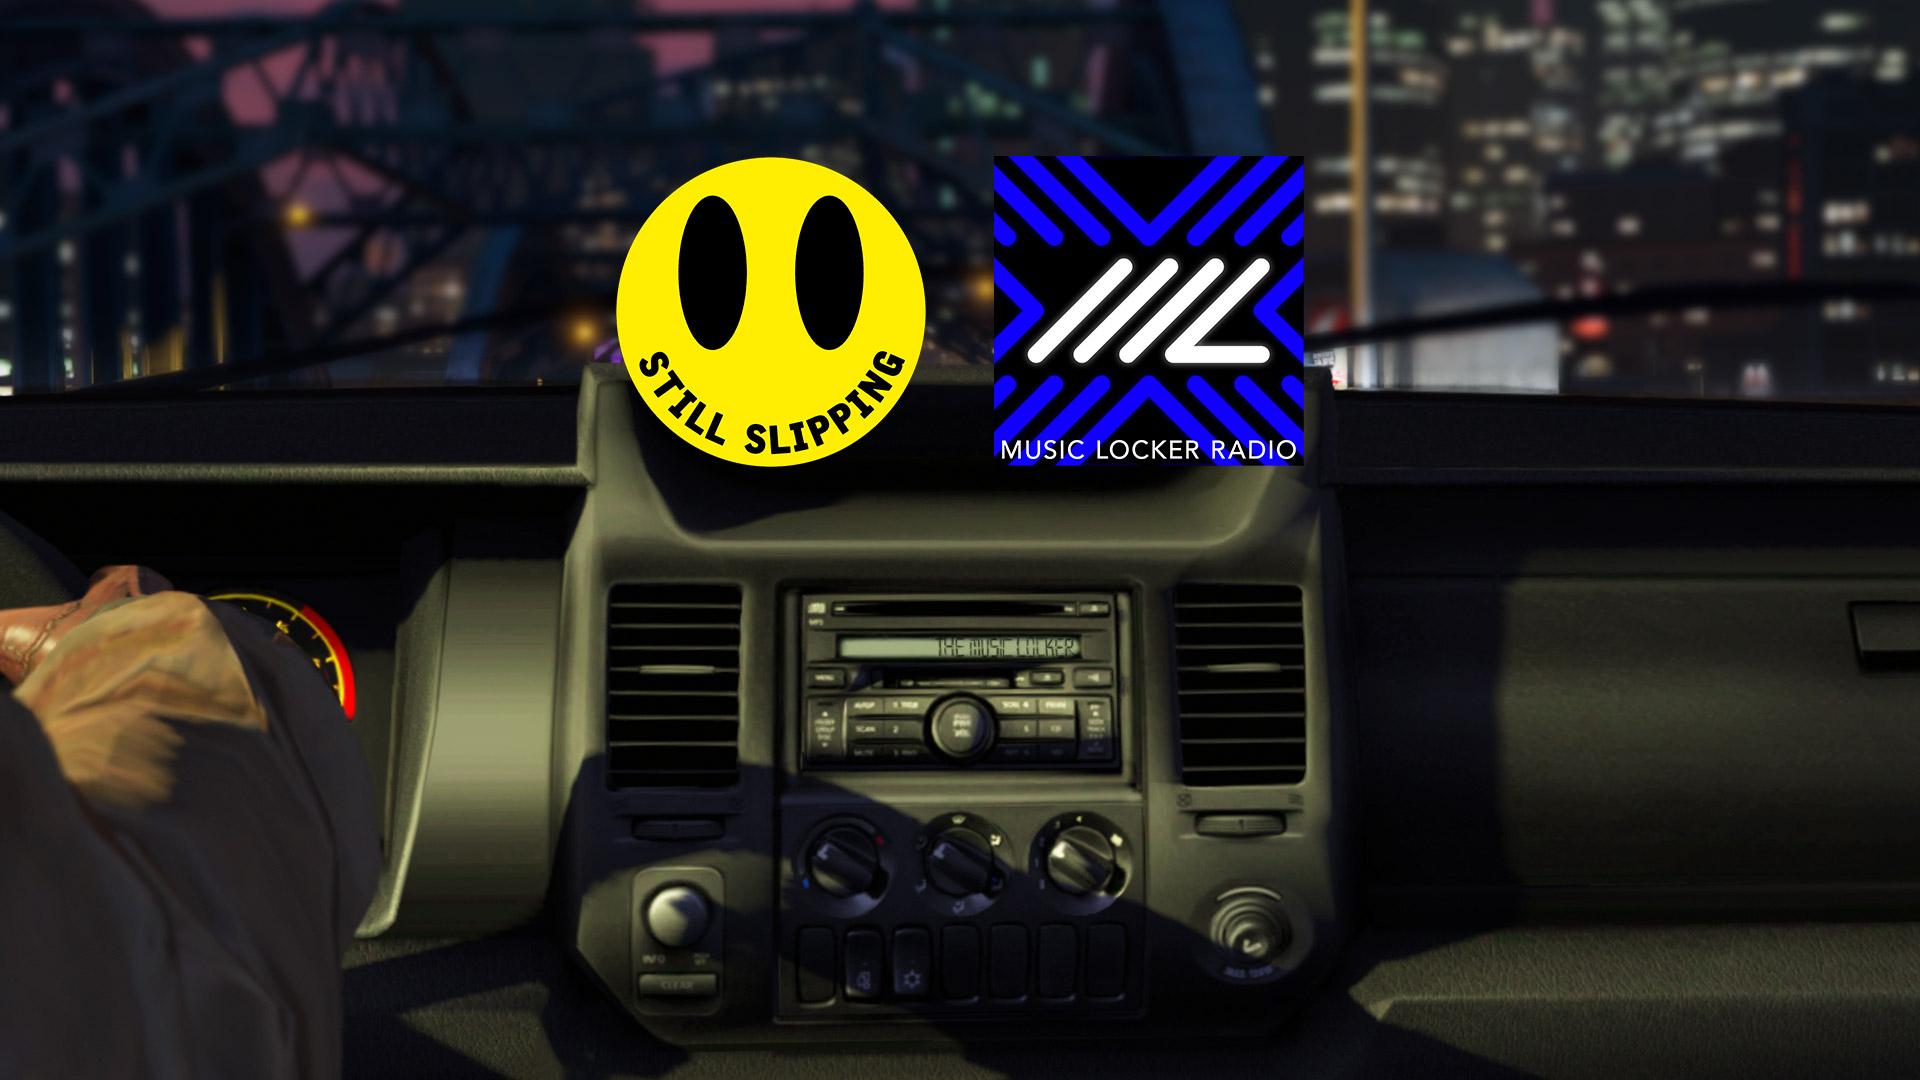 Still Slipping + Music Locker Radio